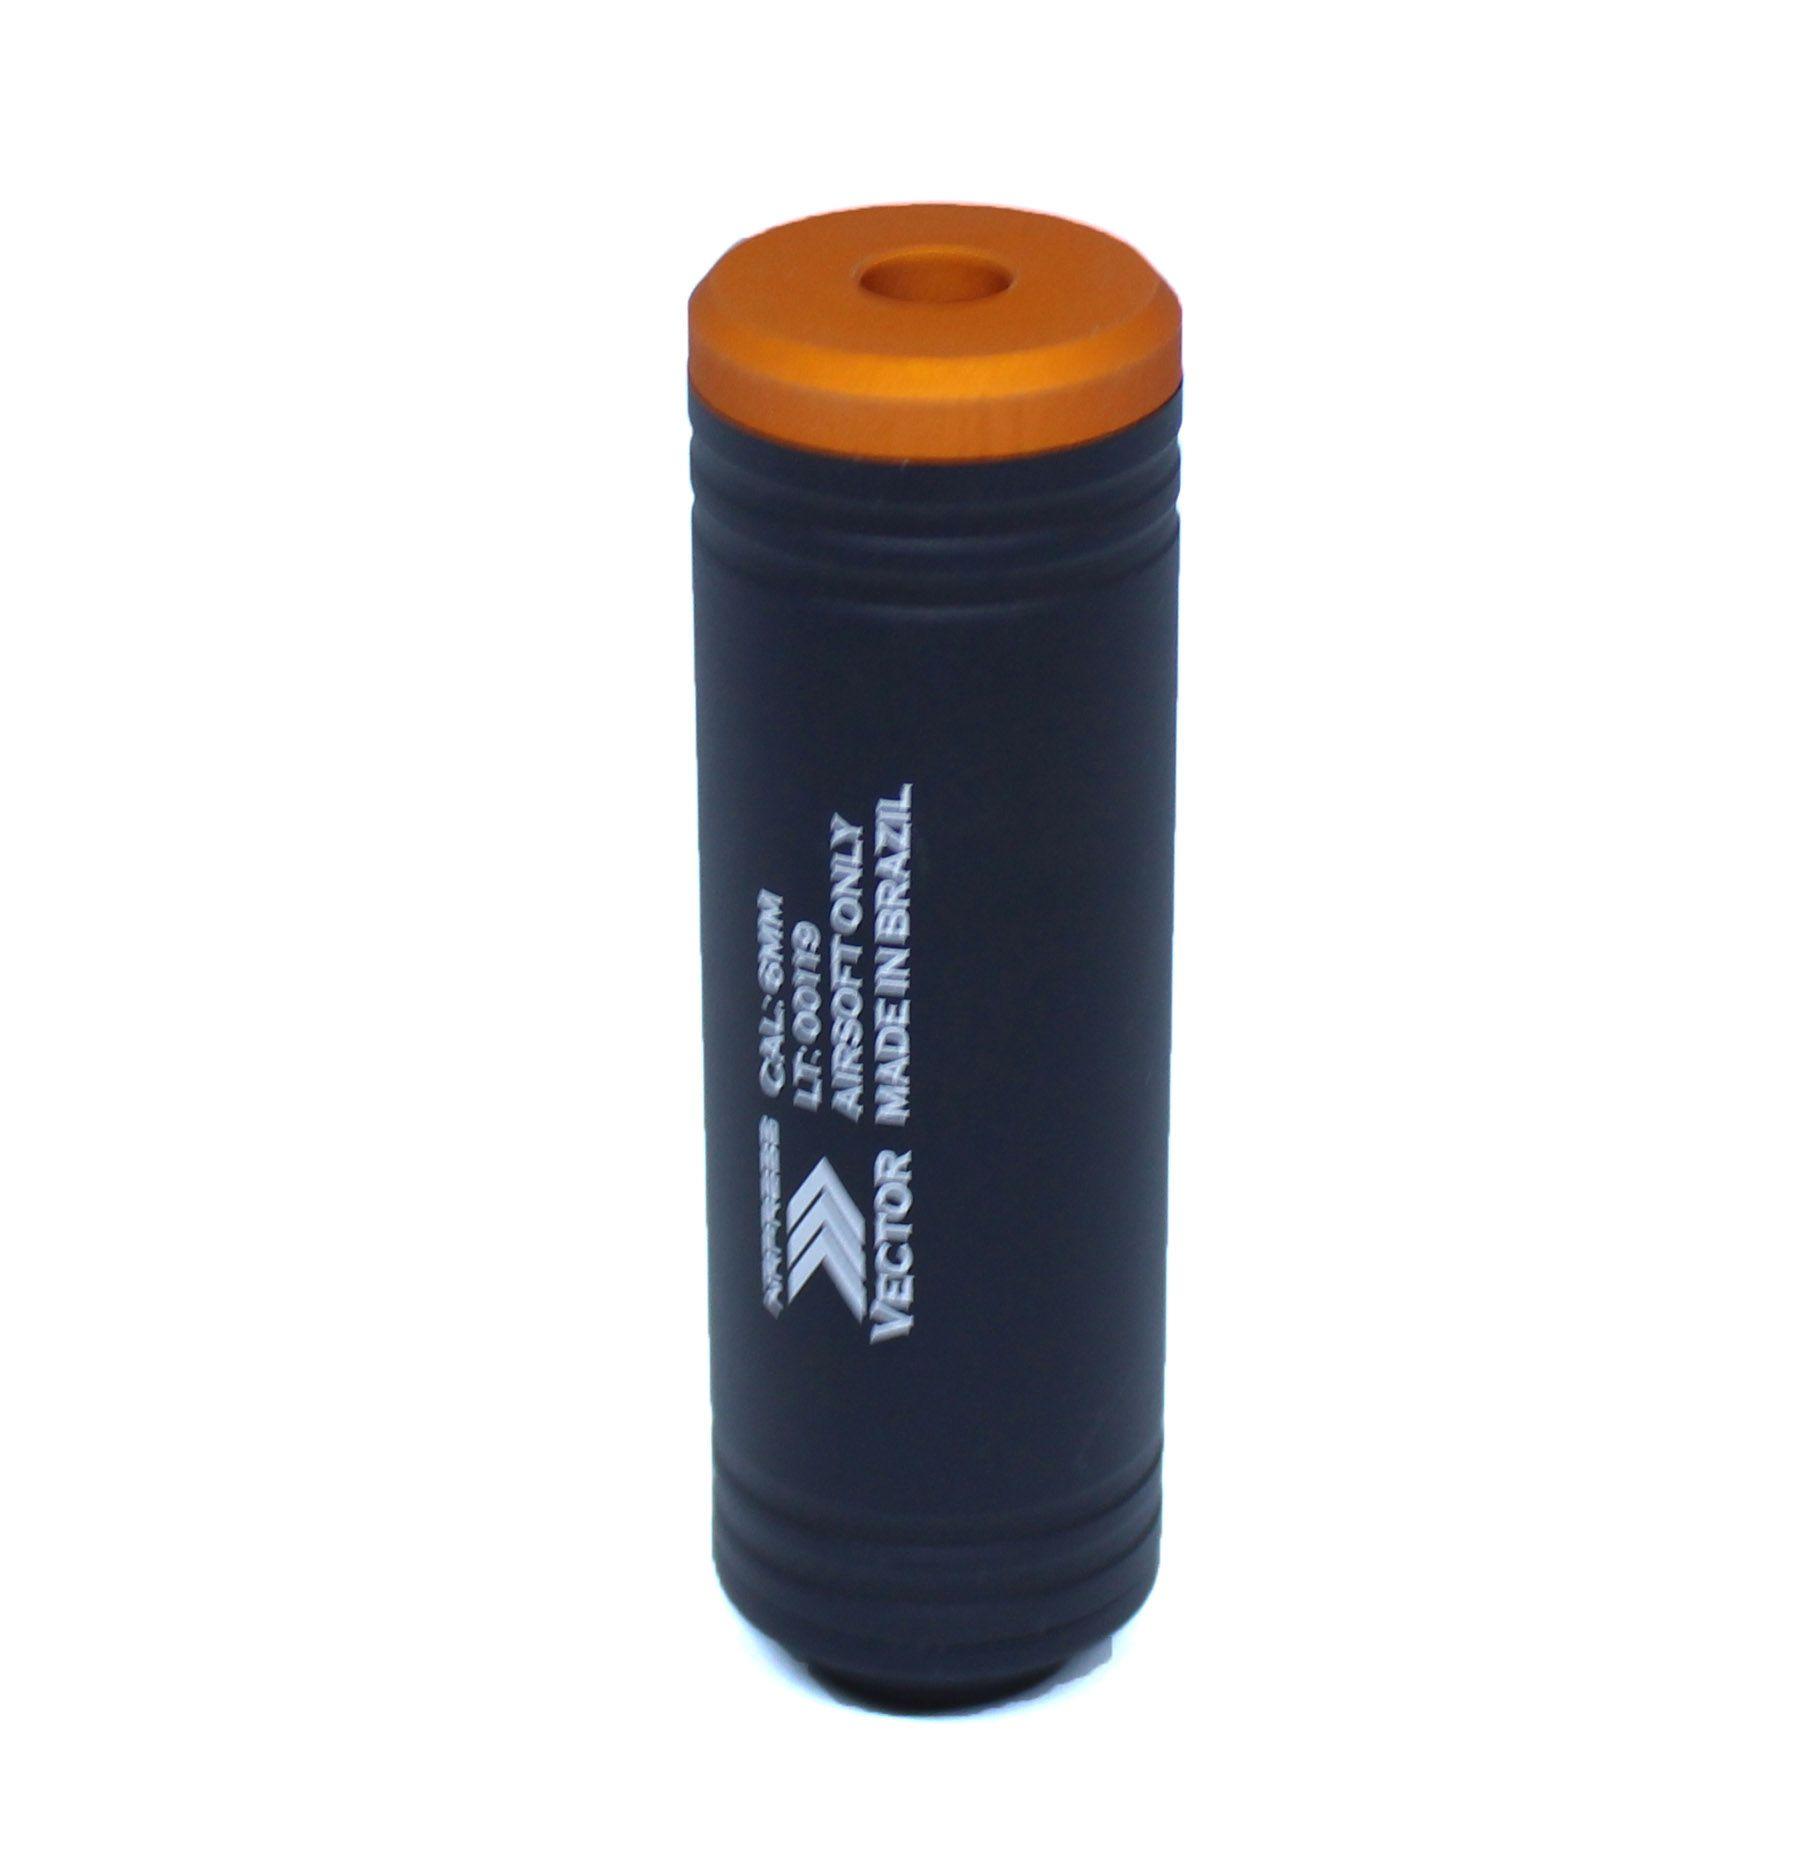 Silenciador Liso 100mm x 31mm - Esquerdo